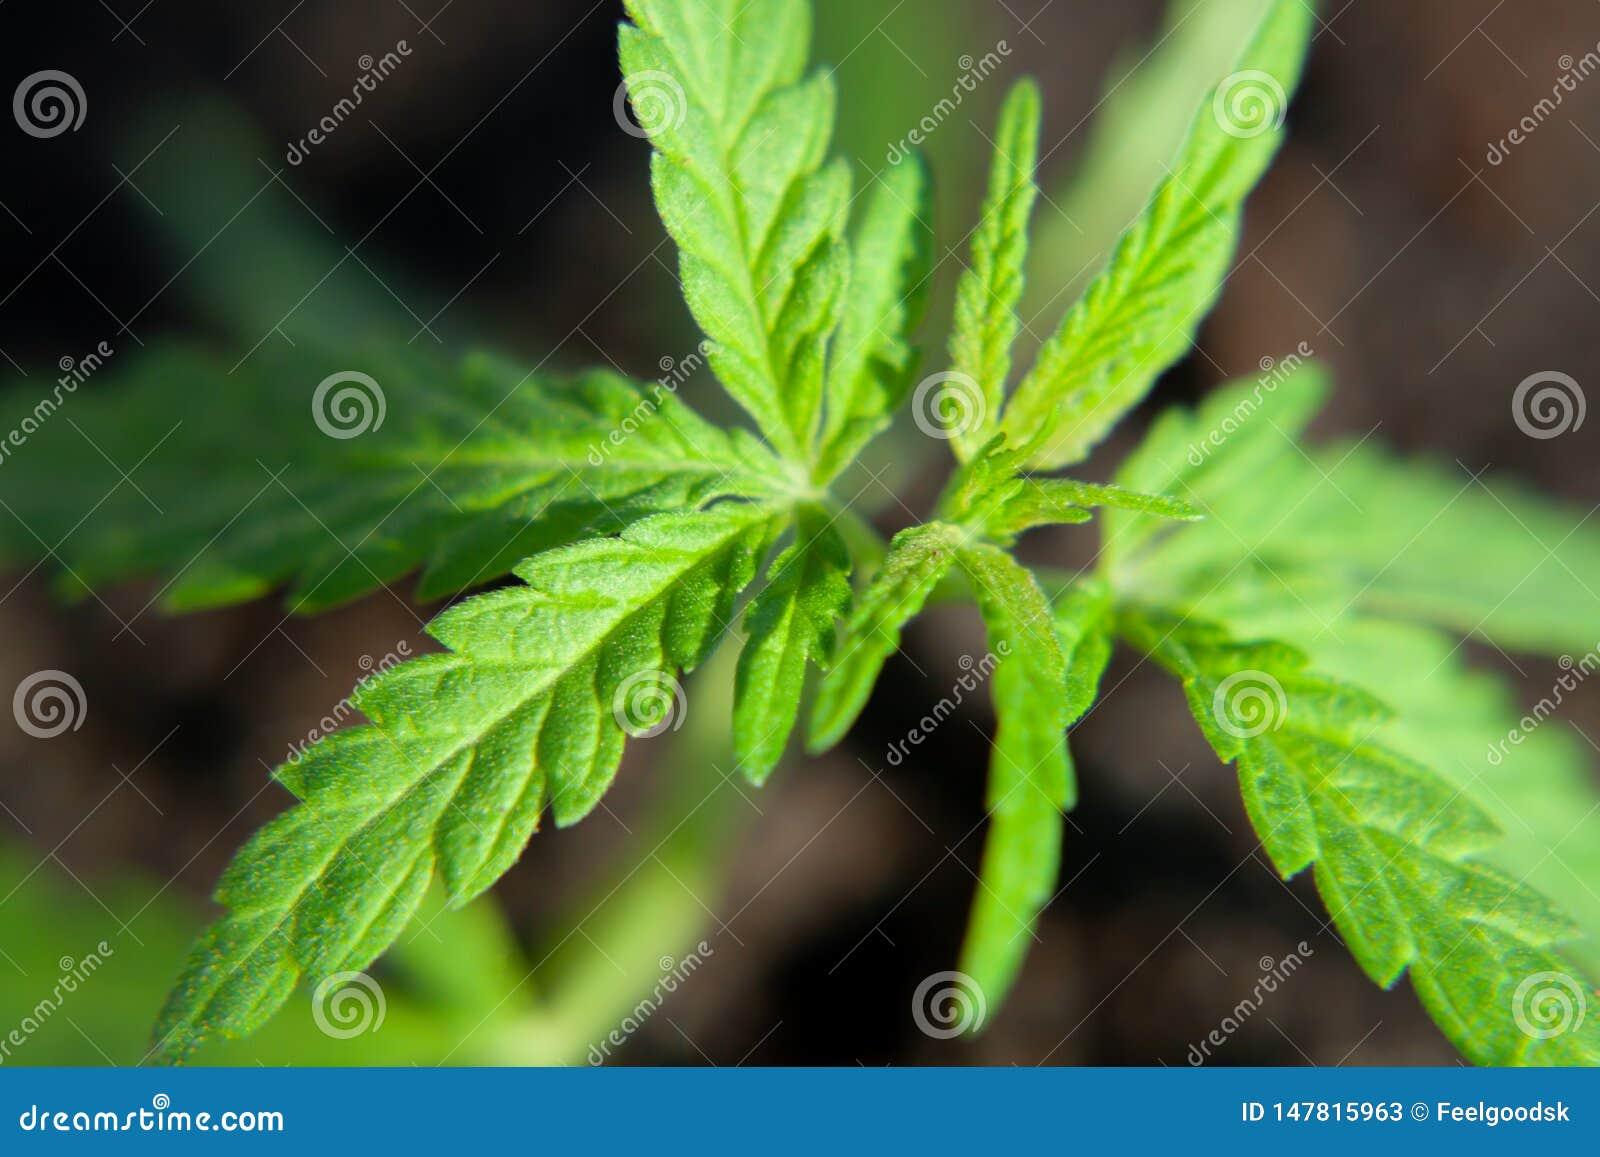 Thematische foto om een installatiehennep te legaliseren De lage technische cultivar van THC zonder drugwaarde Cannabiszaailing,